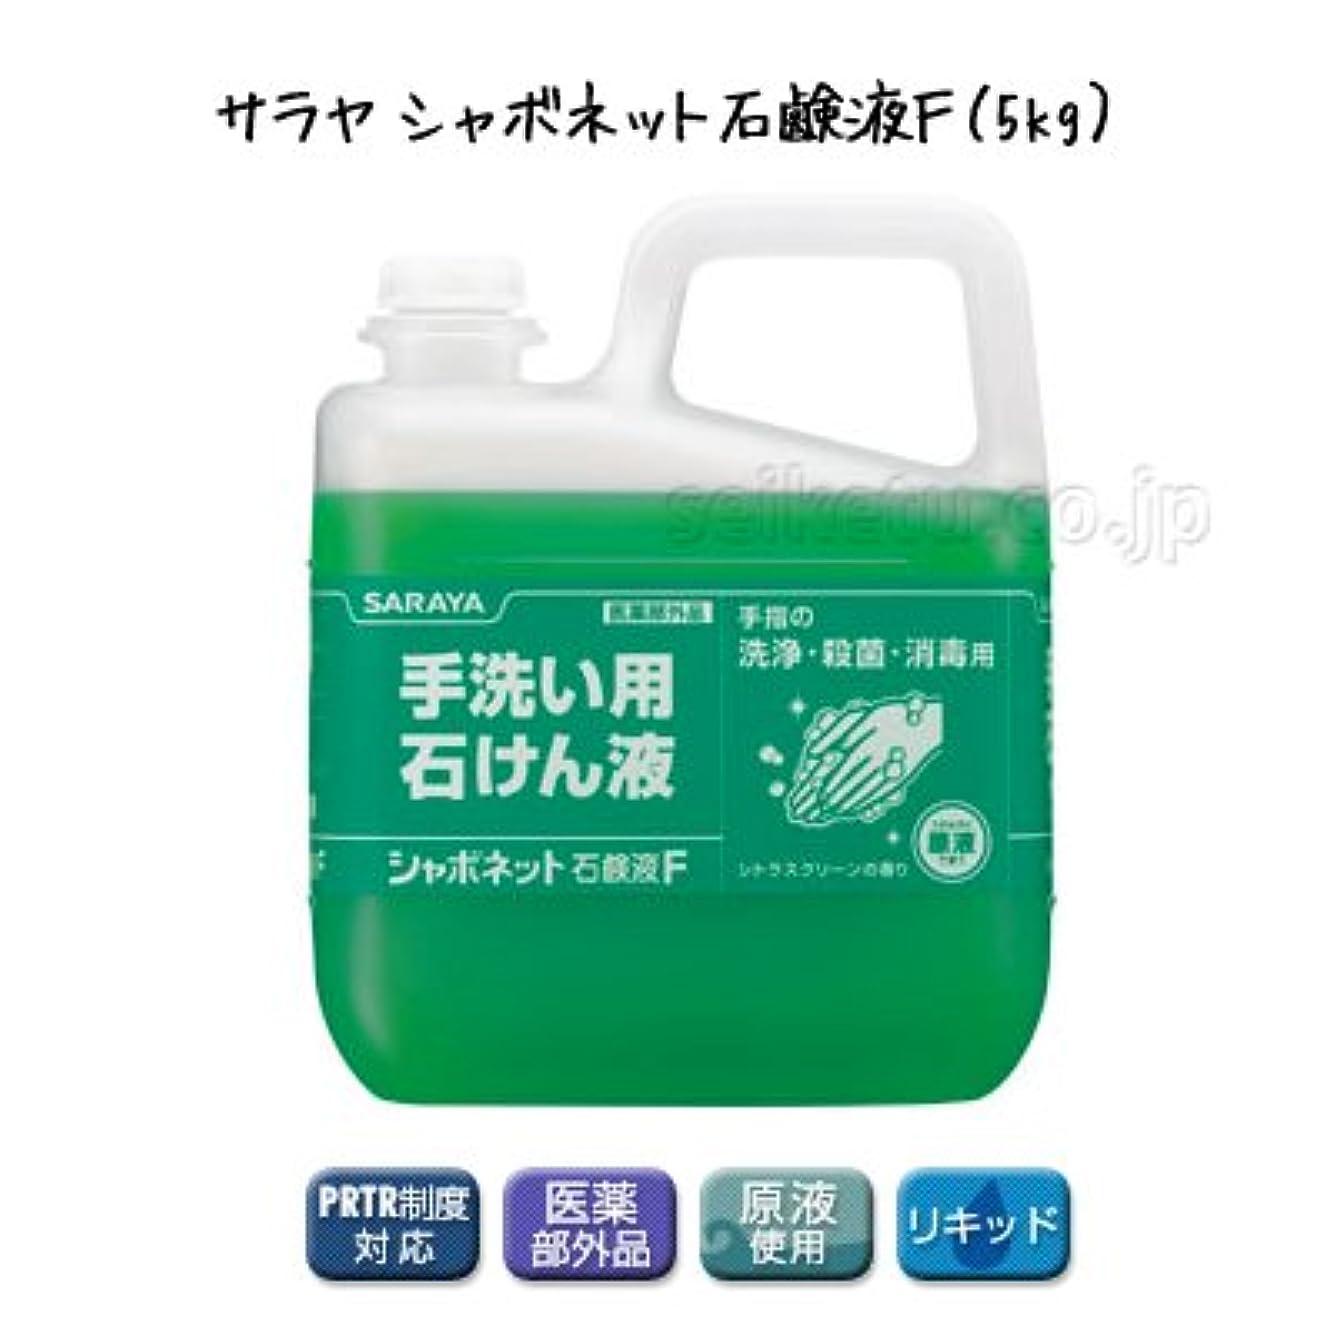 追い出すチョップ他に【清潔キレイ館】サラヤ シャボネット石鹸液F(5kg)